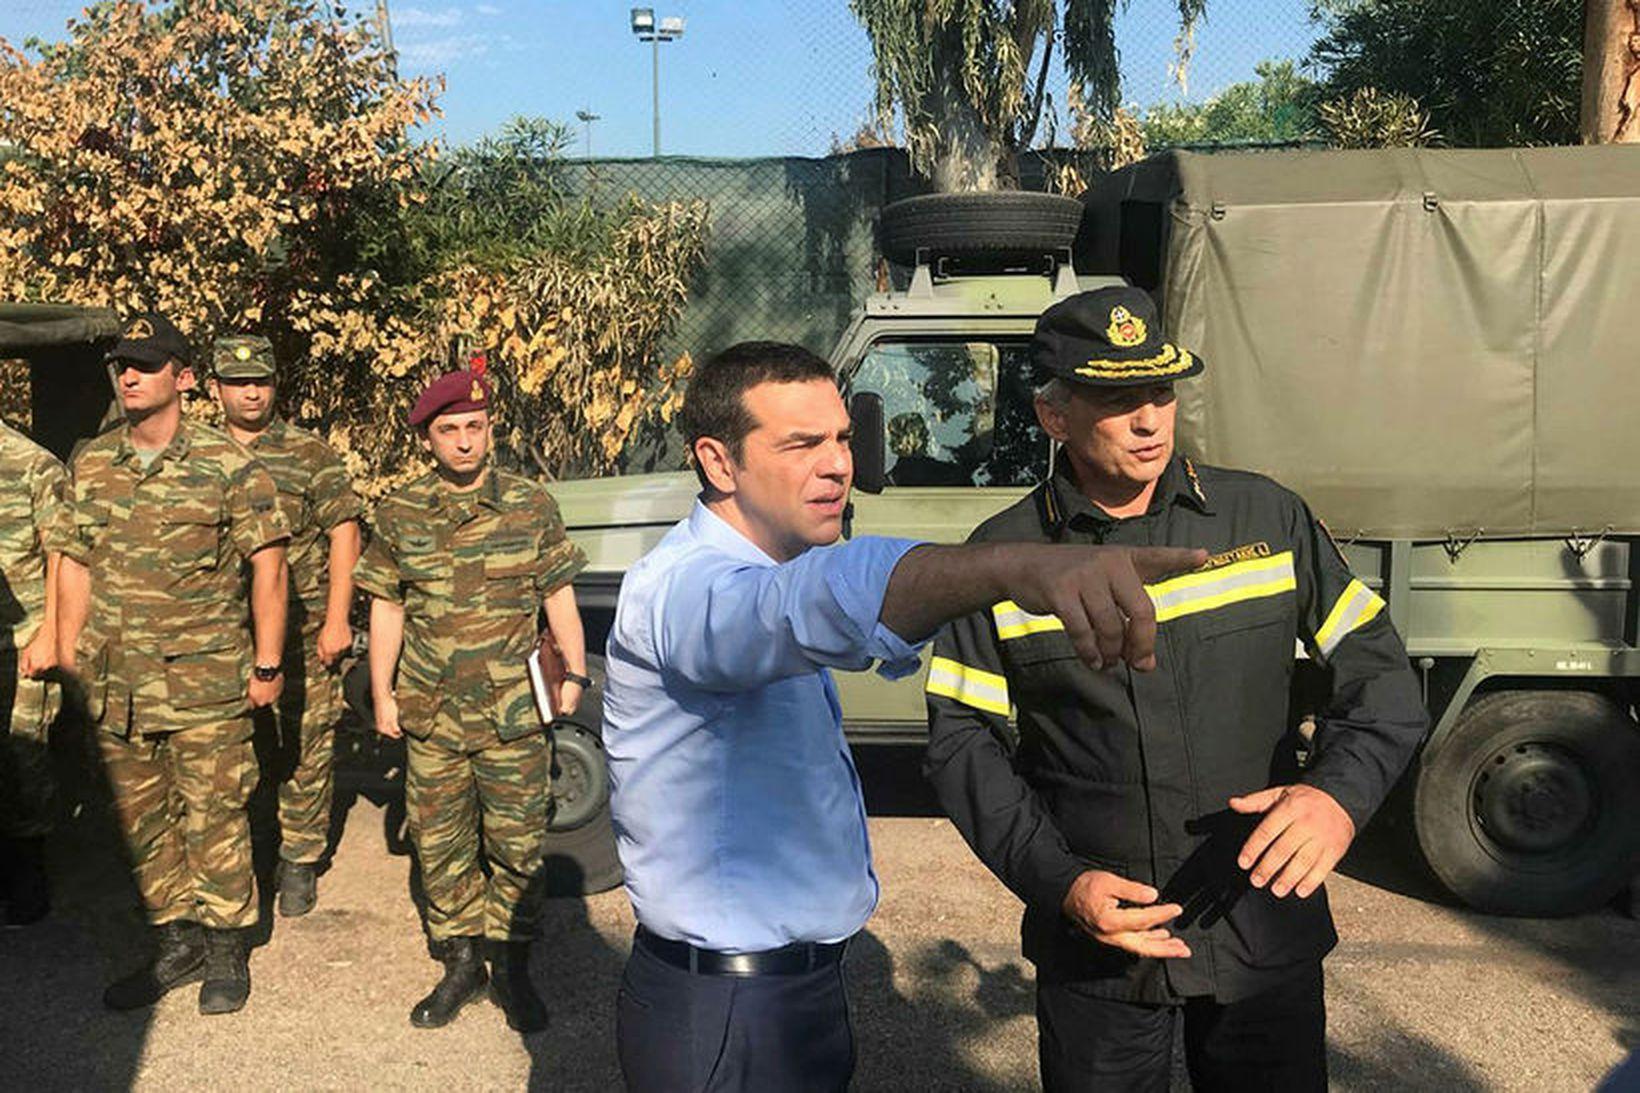 Forsætisráðherra Grikklands, Alexis Tsipras, heimsækir svæðið þar sem gróðureldar urðu …